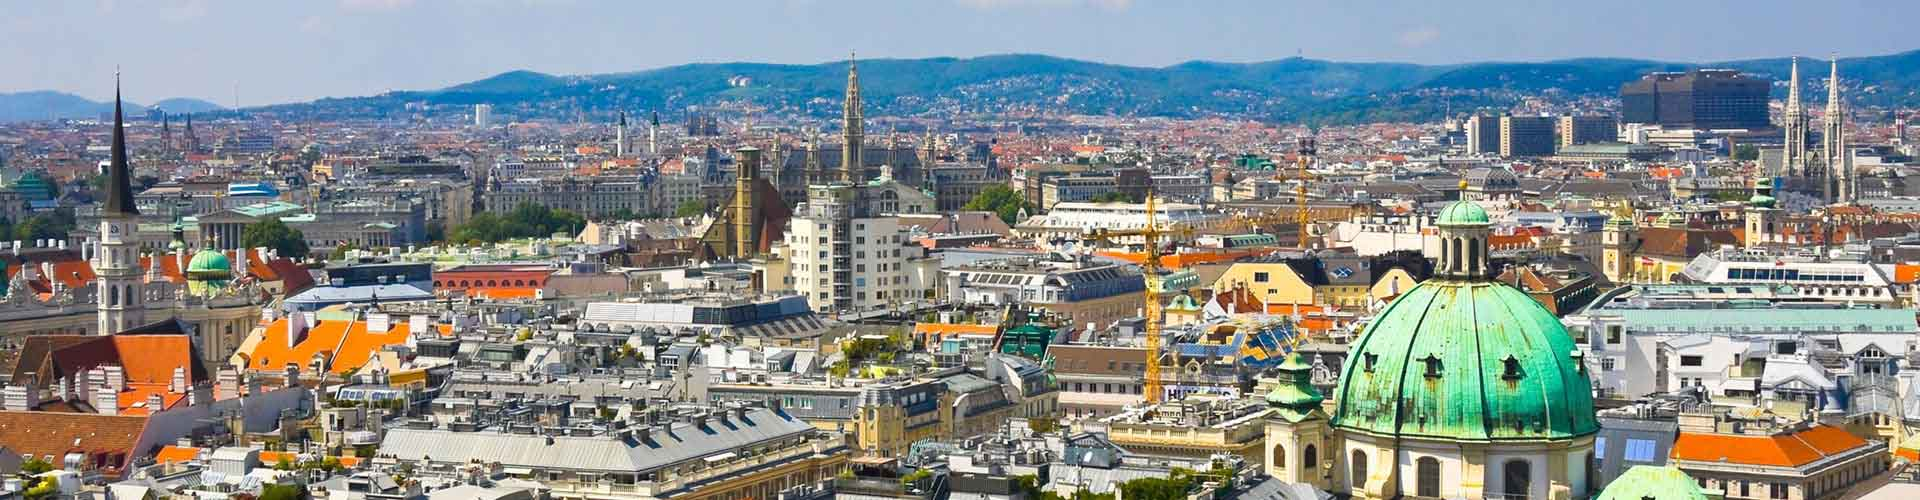 비엔나 - 비엔나에 있는 호스텔. 비엔나의 지도, 비엔나에 위치한 호스텔 사진 및 후기 정보.